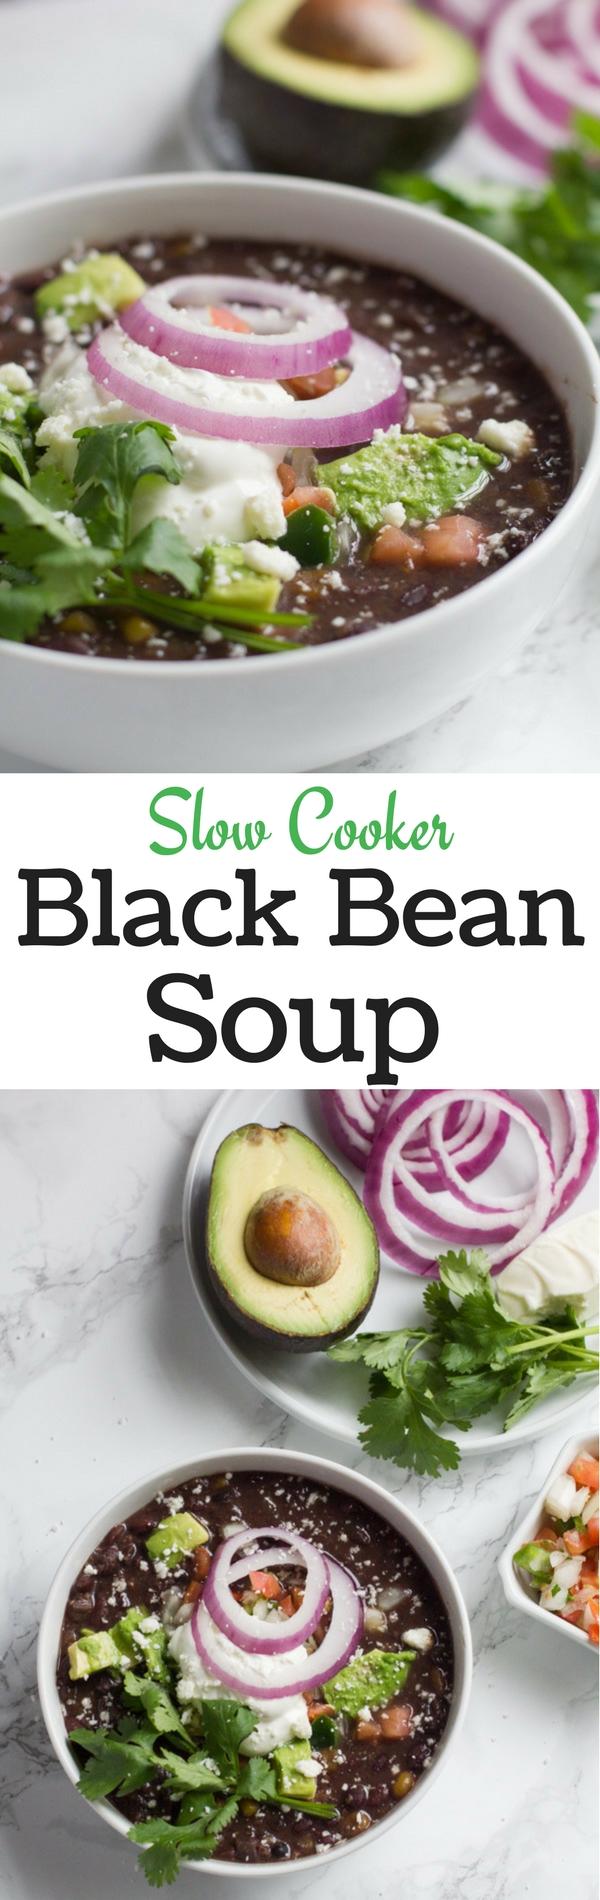 Black Beans | Soup | Slow Cooker | Crock Pot | Winter Soups | Easy Recipes | Mexican Soup